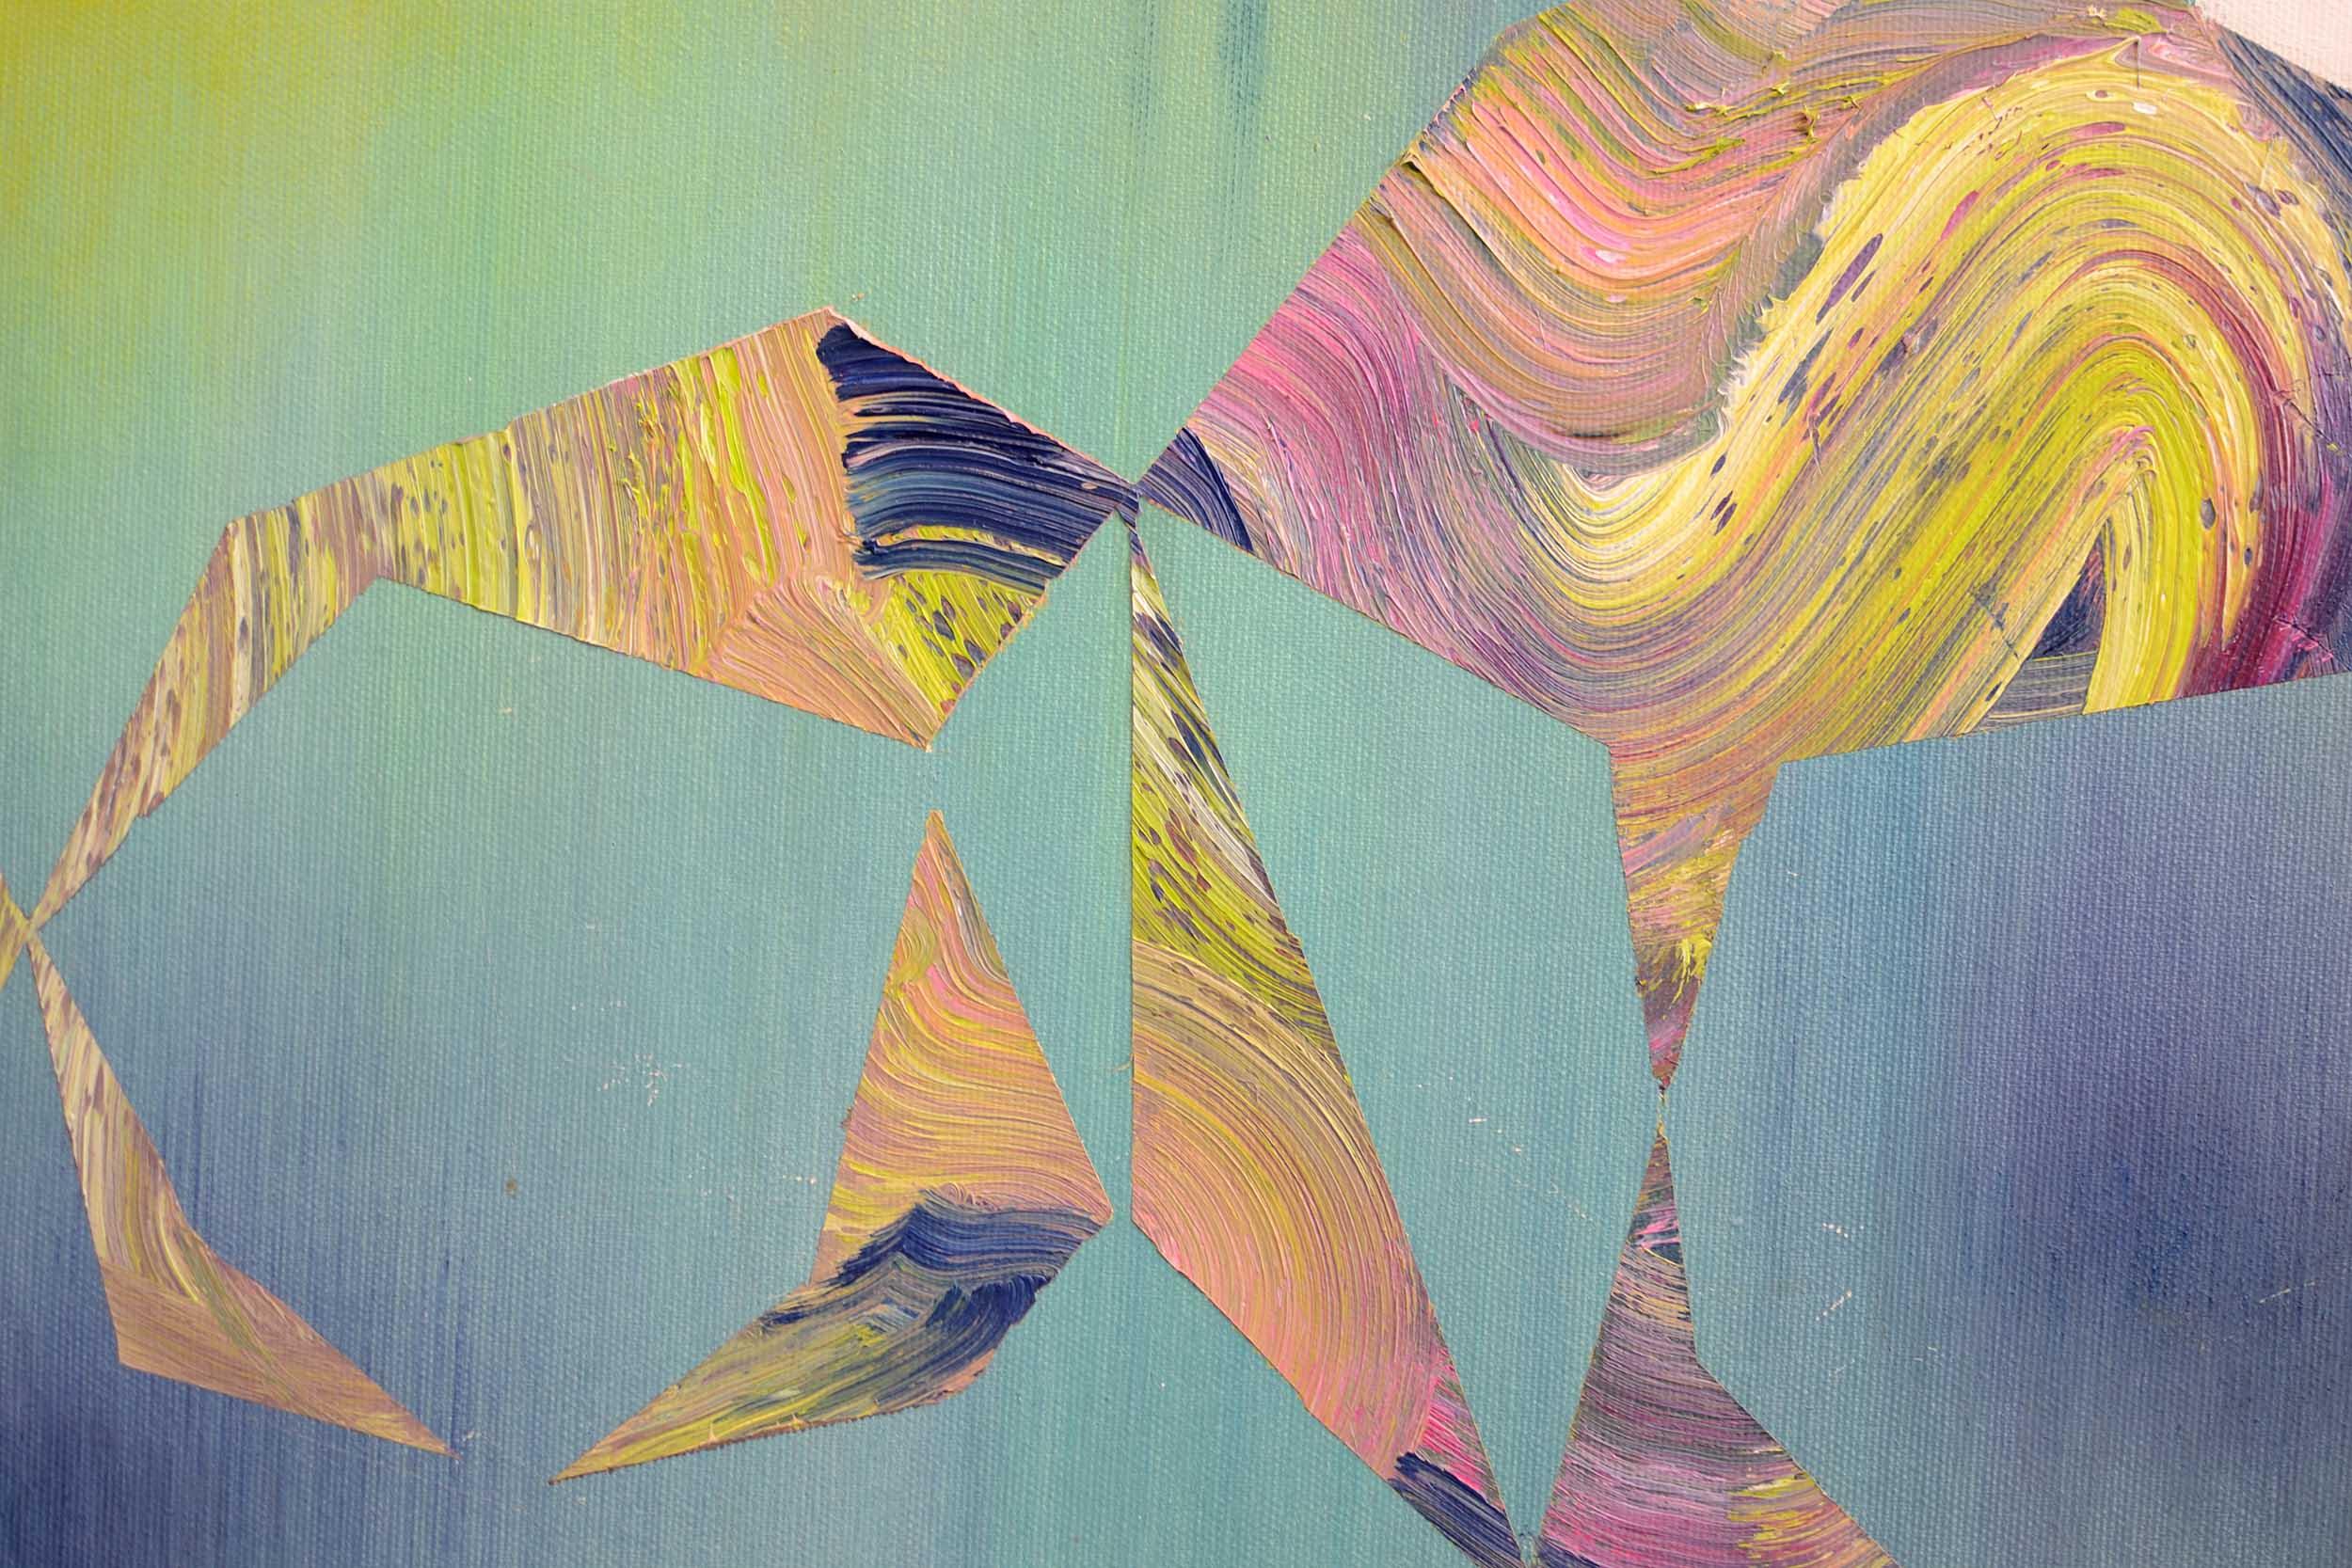 Am Limit (Detail)  oil on canvas 150 x 120 cm, 2014